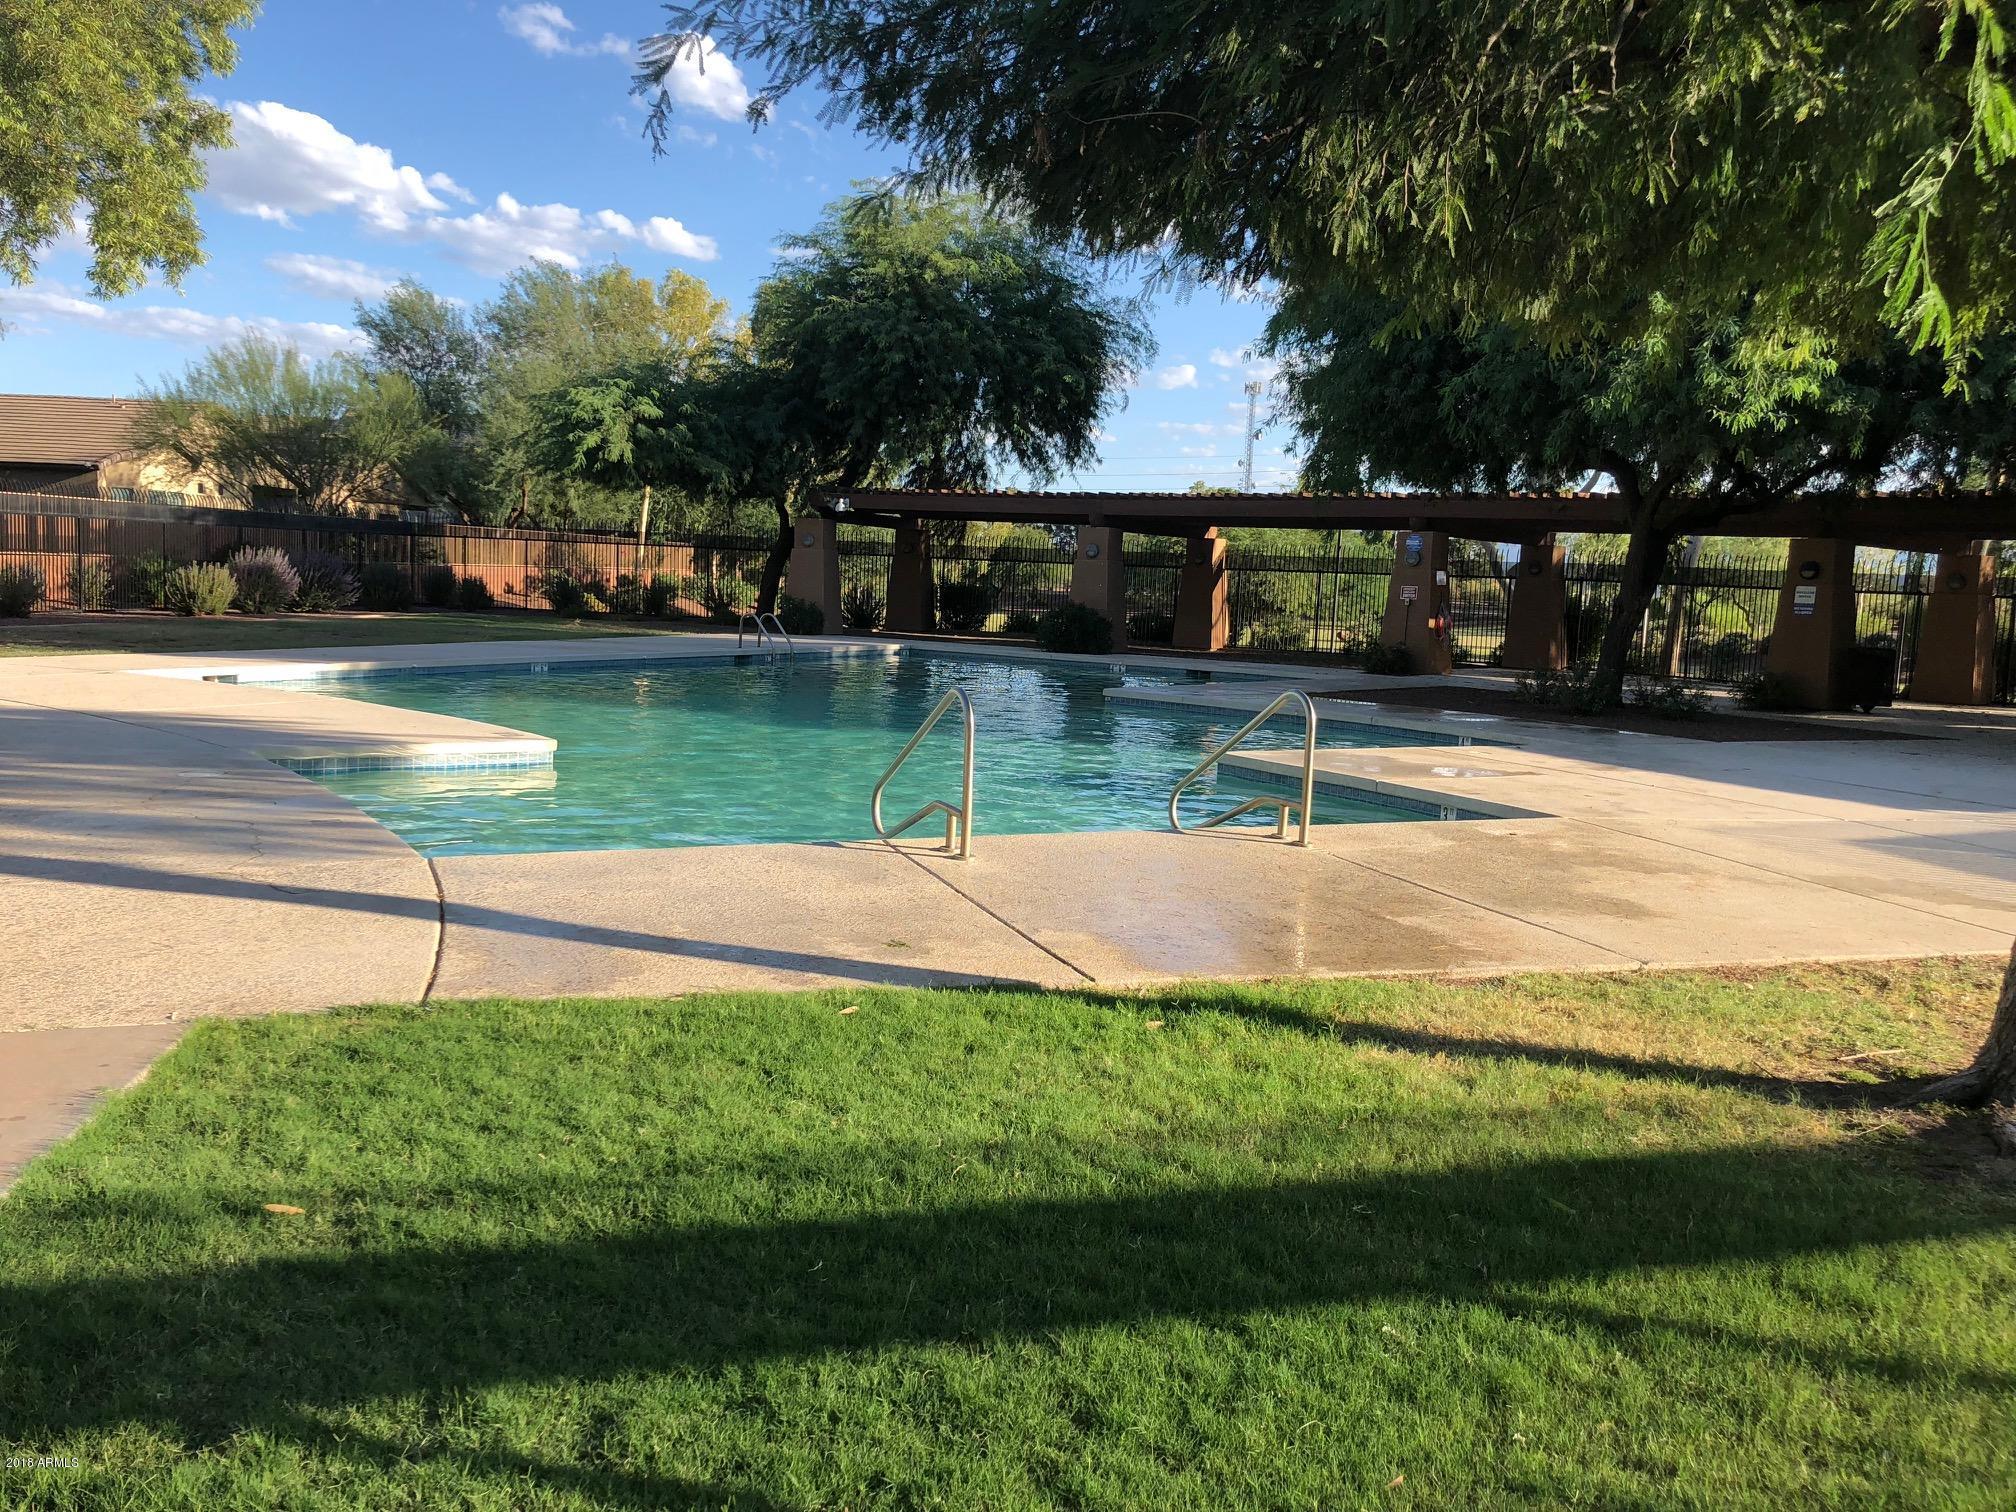 MLS 5959821 11713 W LINCOLN Street, Avondale, AZ 85323 Avondale Homes for Rent